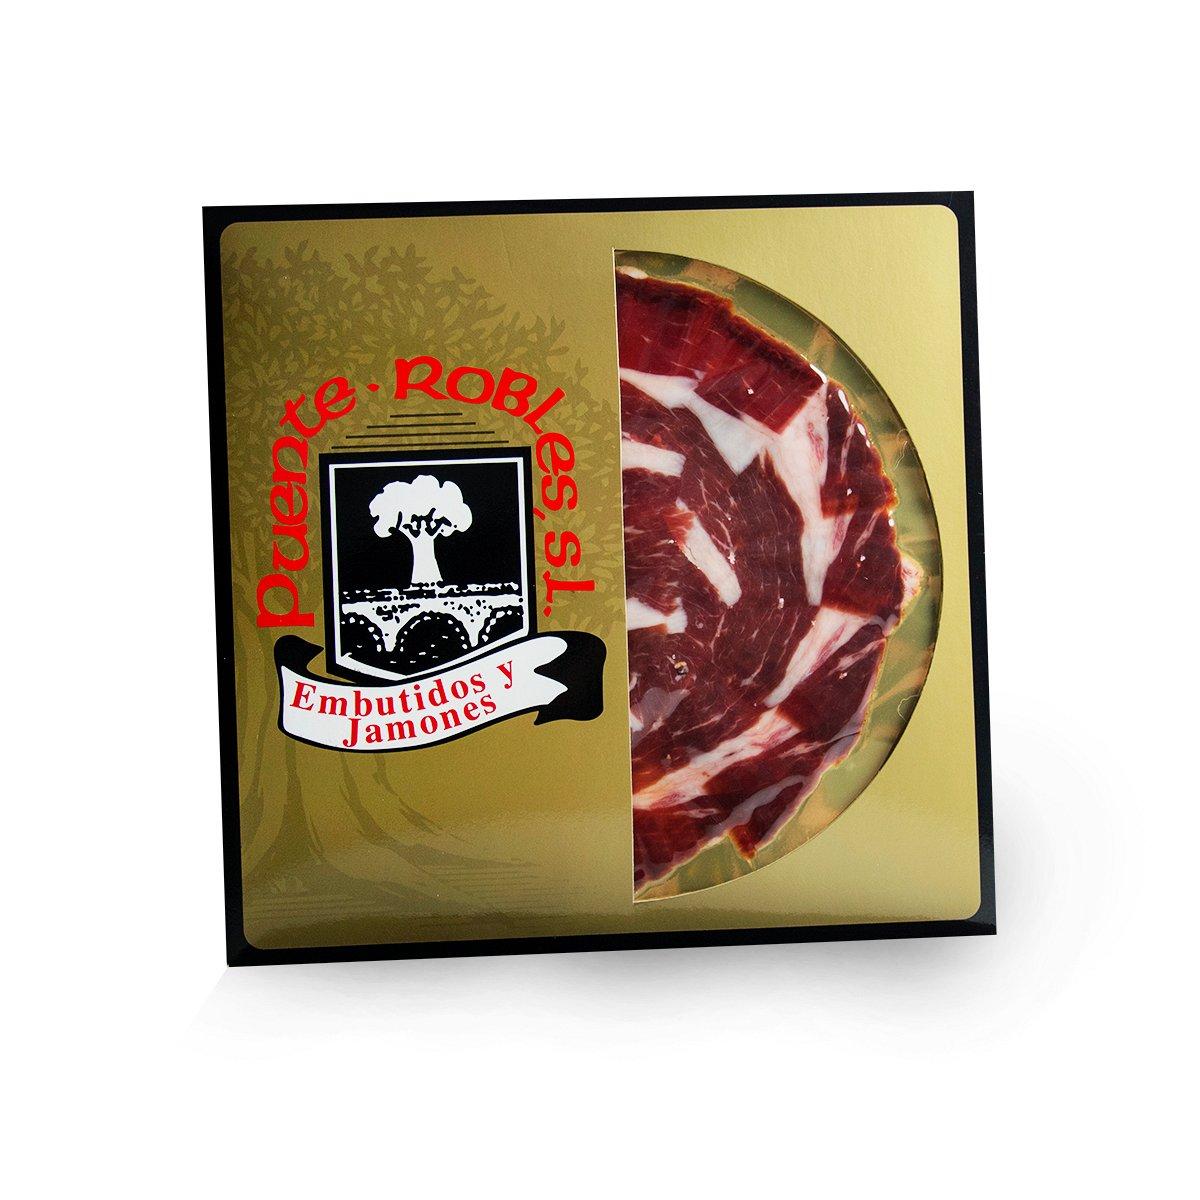 SOBRES Jamón de bellota ibérico 50% raza ibérica CORTADO a cuchillo (cortador profesional)